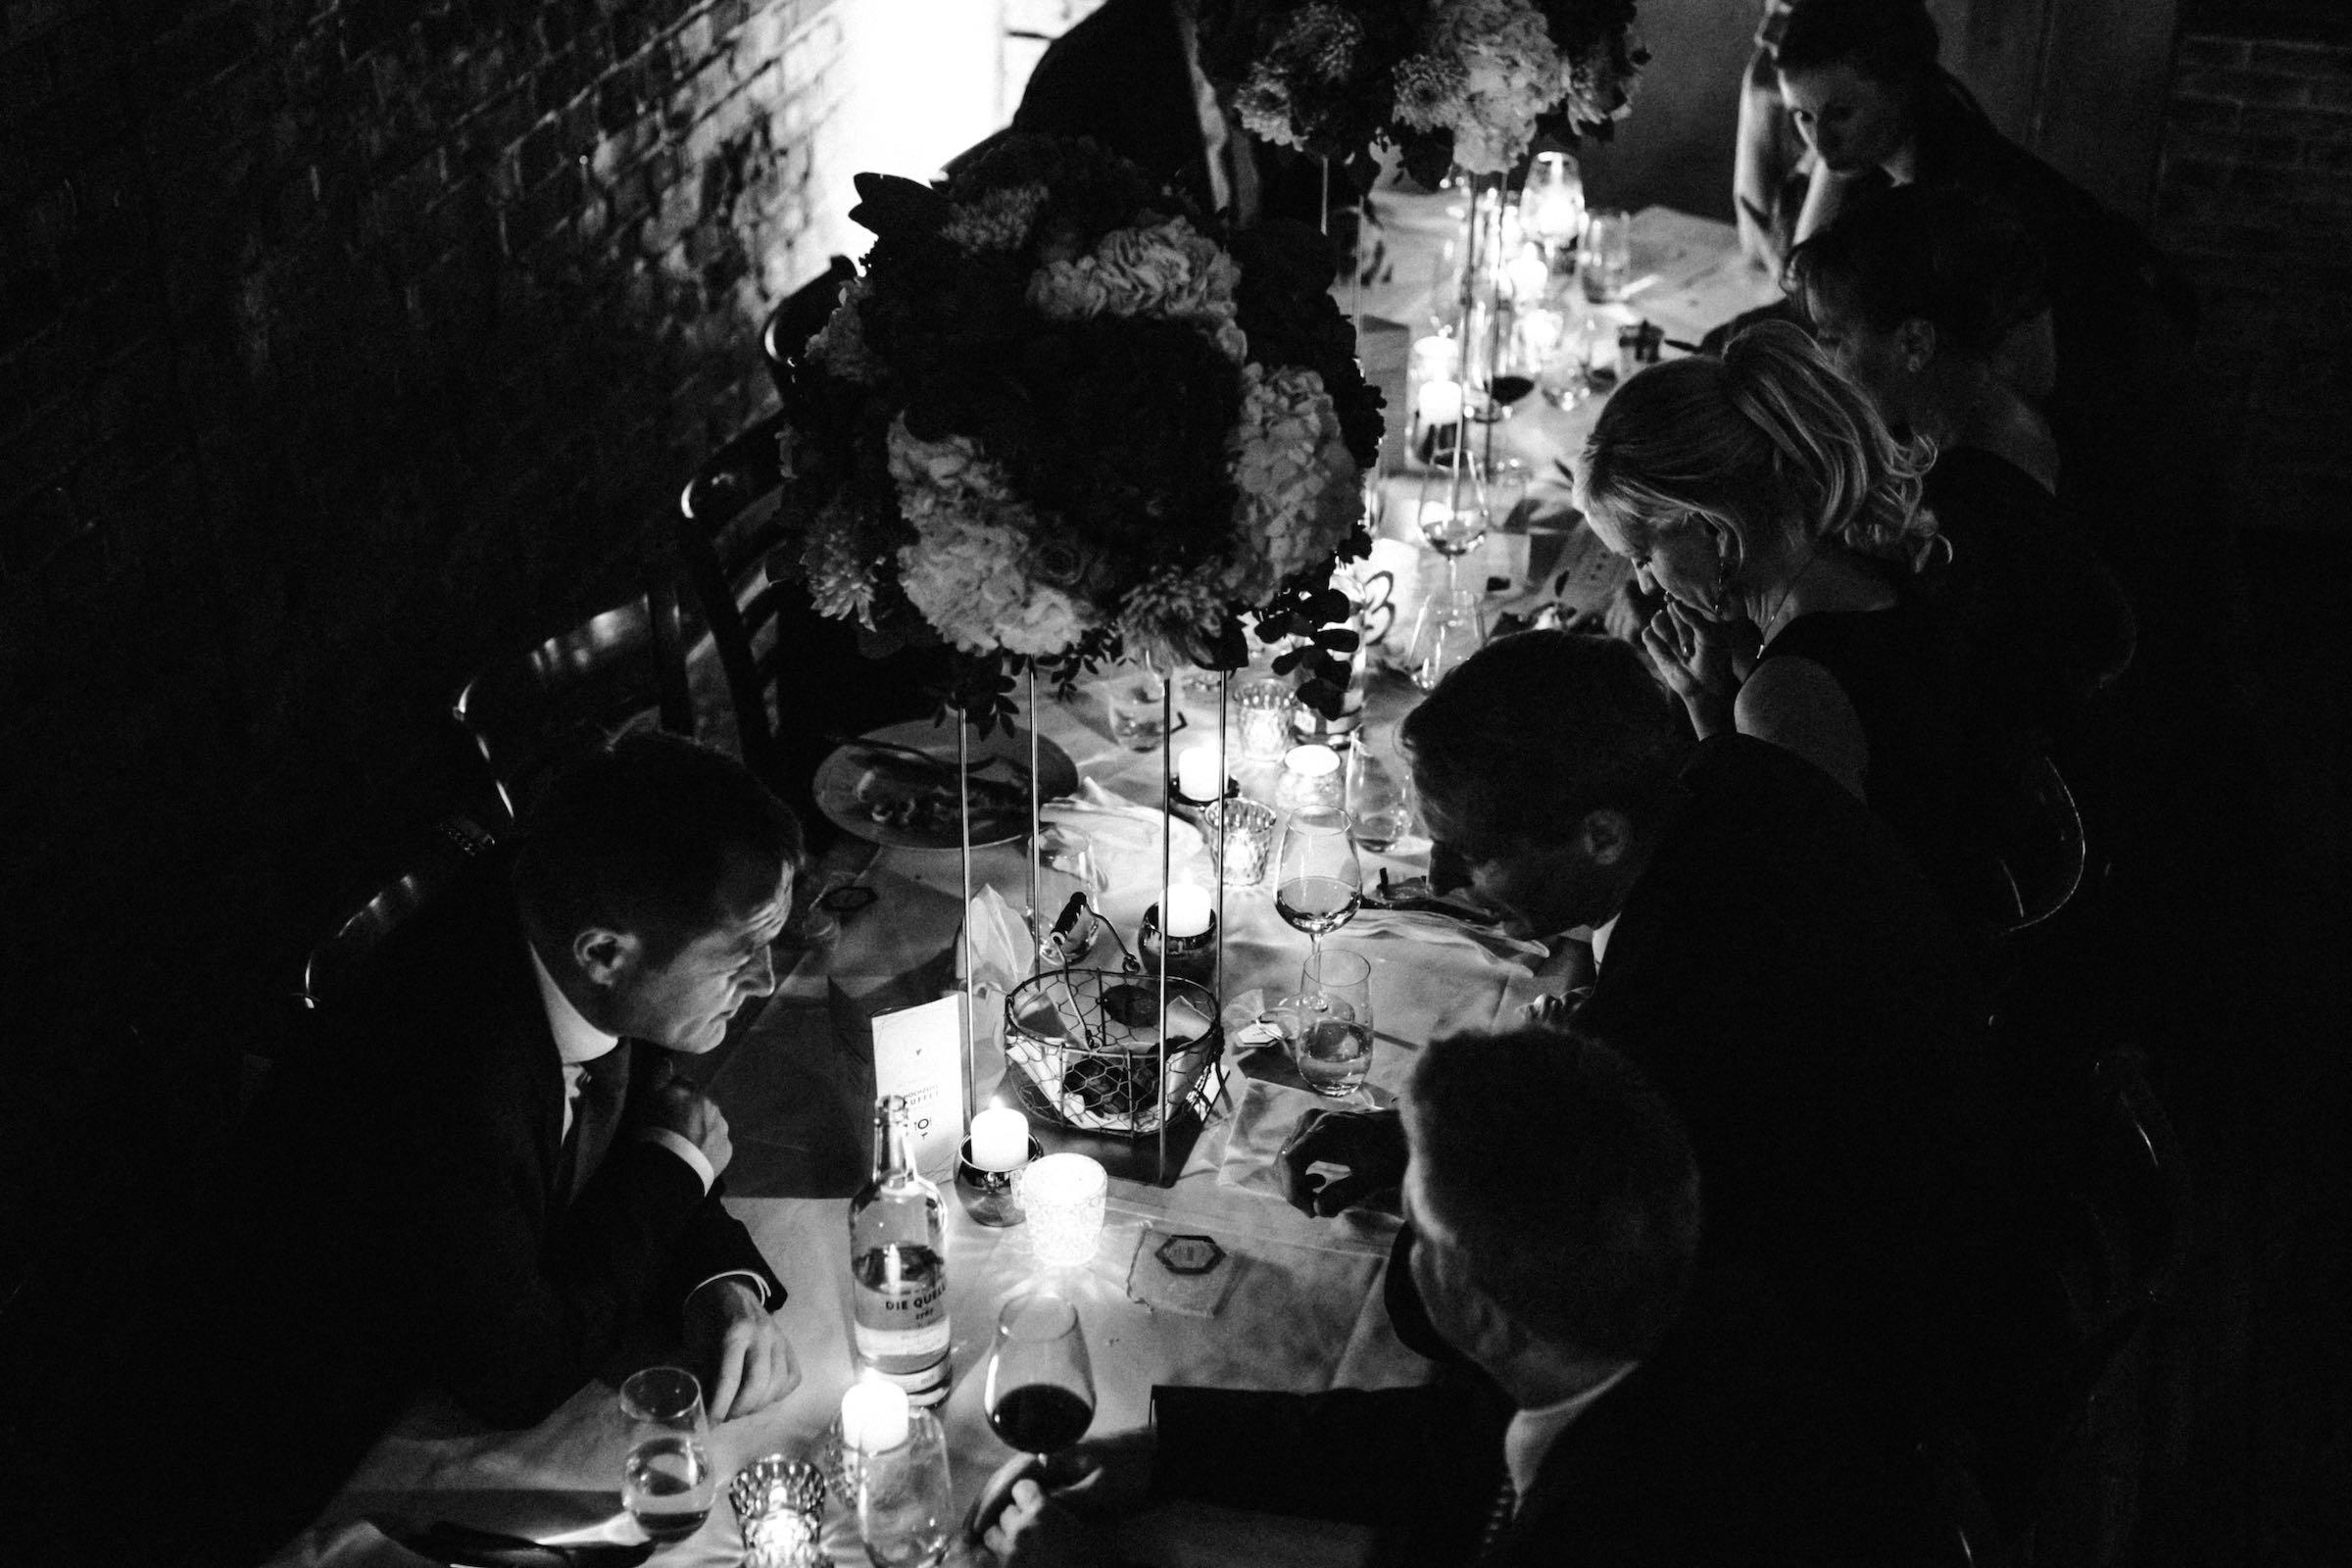 Burg | Königsworth | Roneburg | Hannover | Hochzeit | Geburtstag | Firmenfeier | Locations | Tischdekoration | Hochzeit | Floristik | Eventaustattung | Dekoration | Hochzeitsplanung | Lehmann | Eventservice